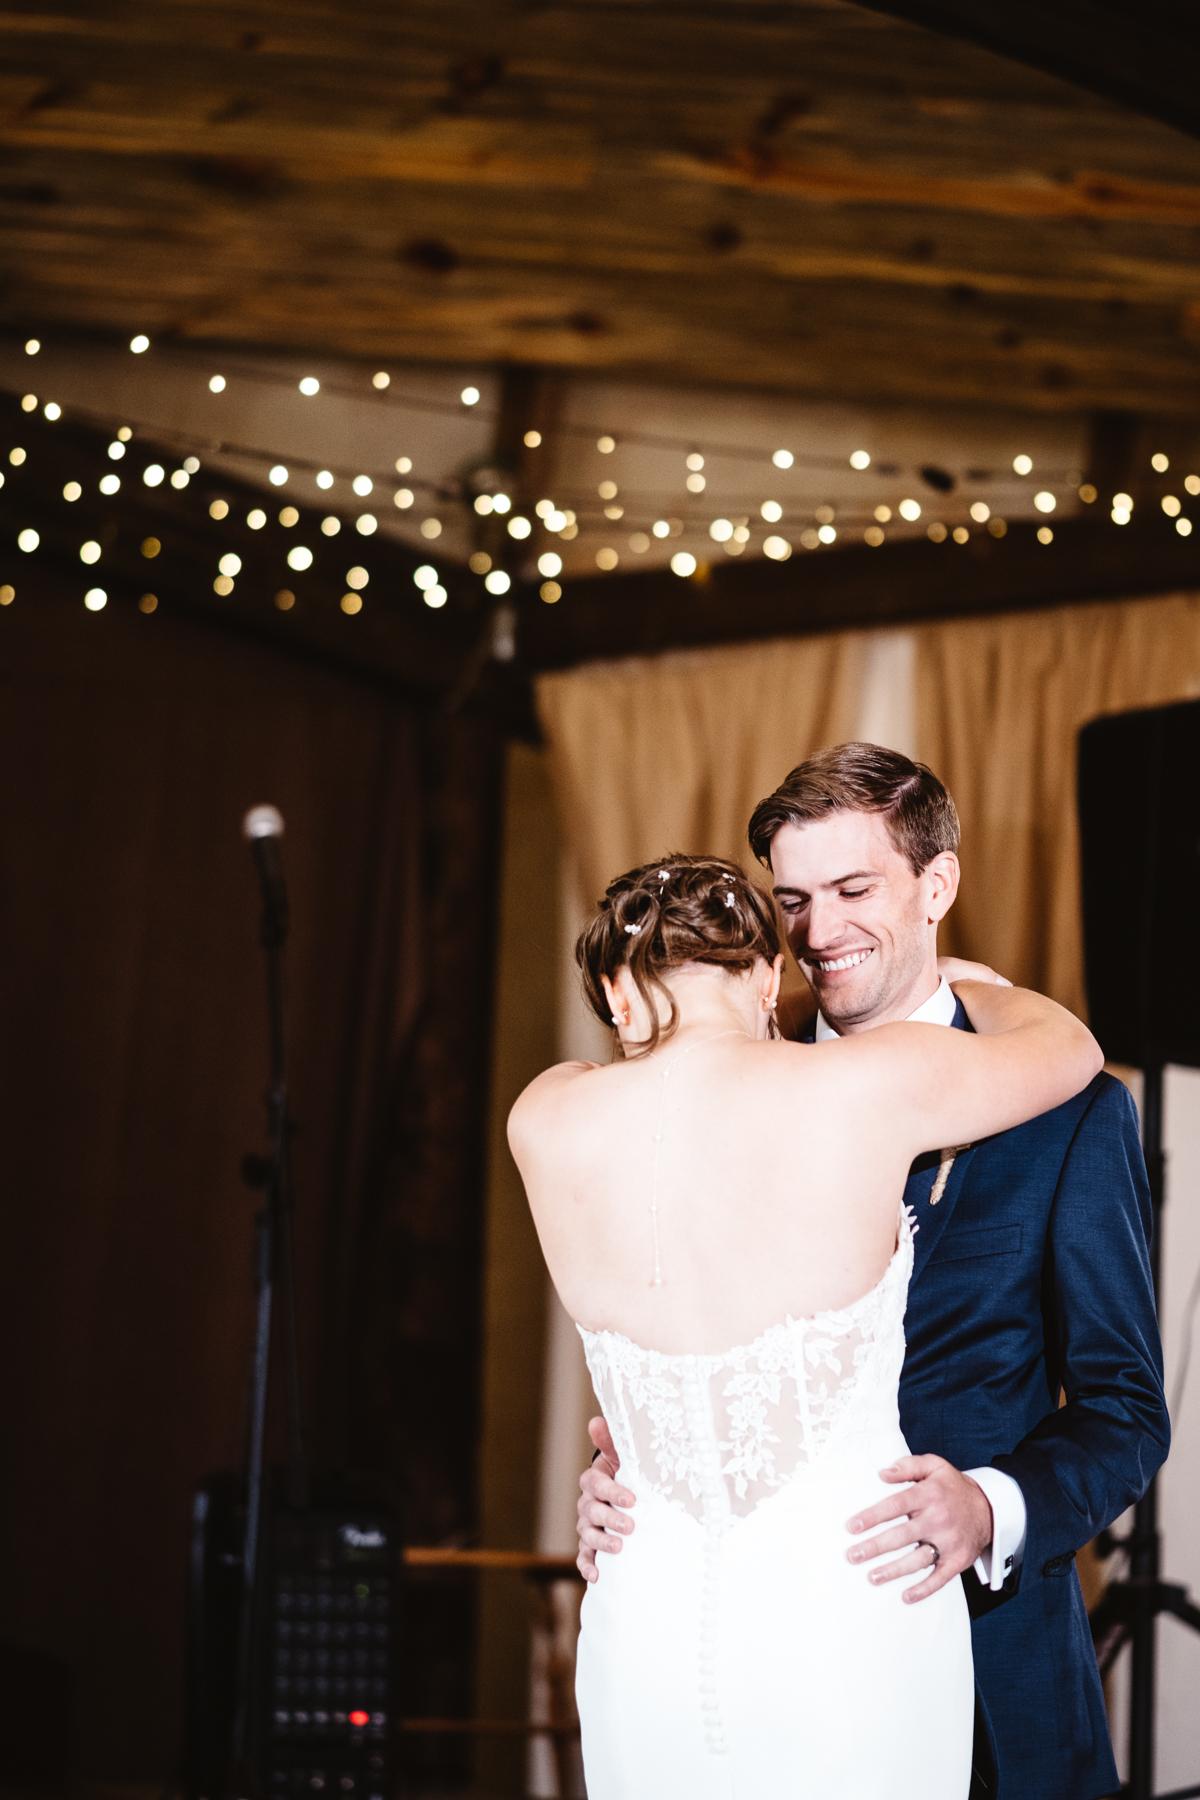 Chelsie+Mike-Lone-Hawk-Farm-Wedding-048.jpg